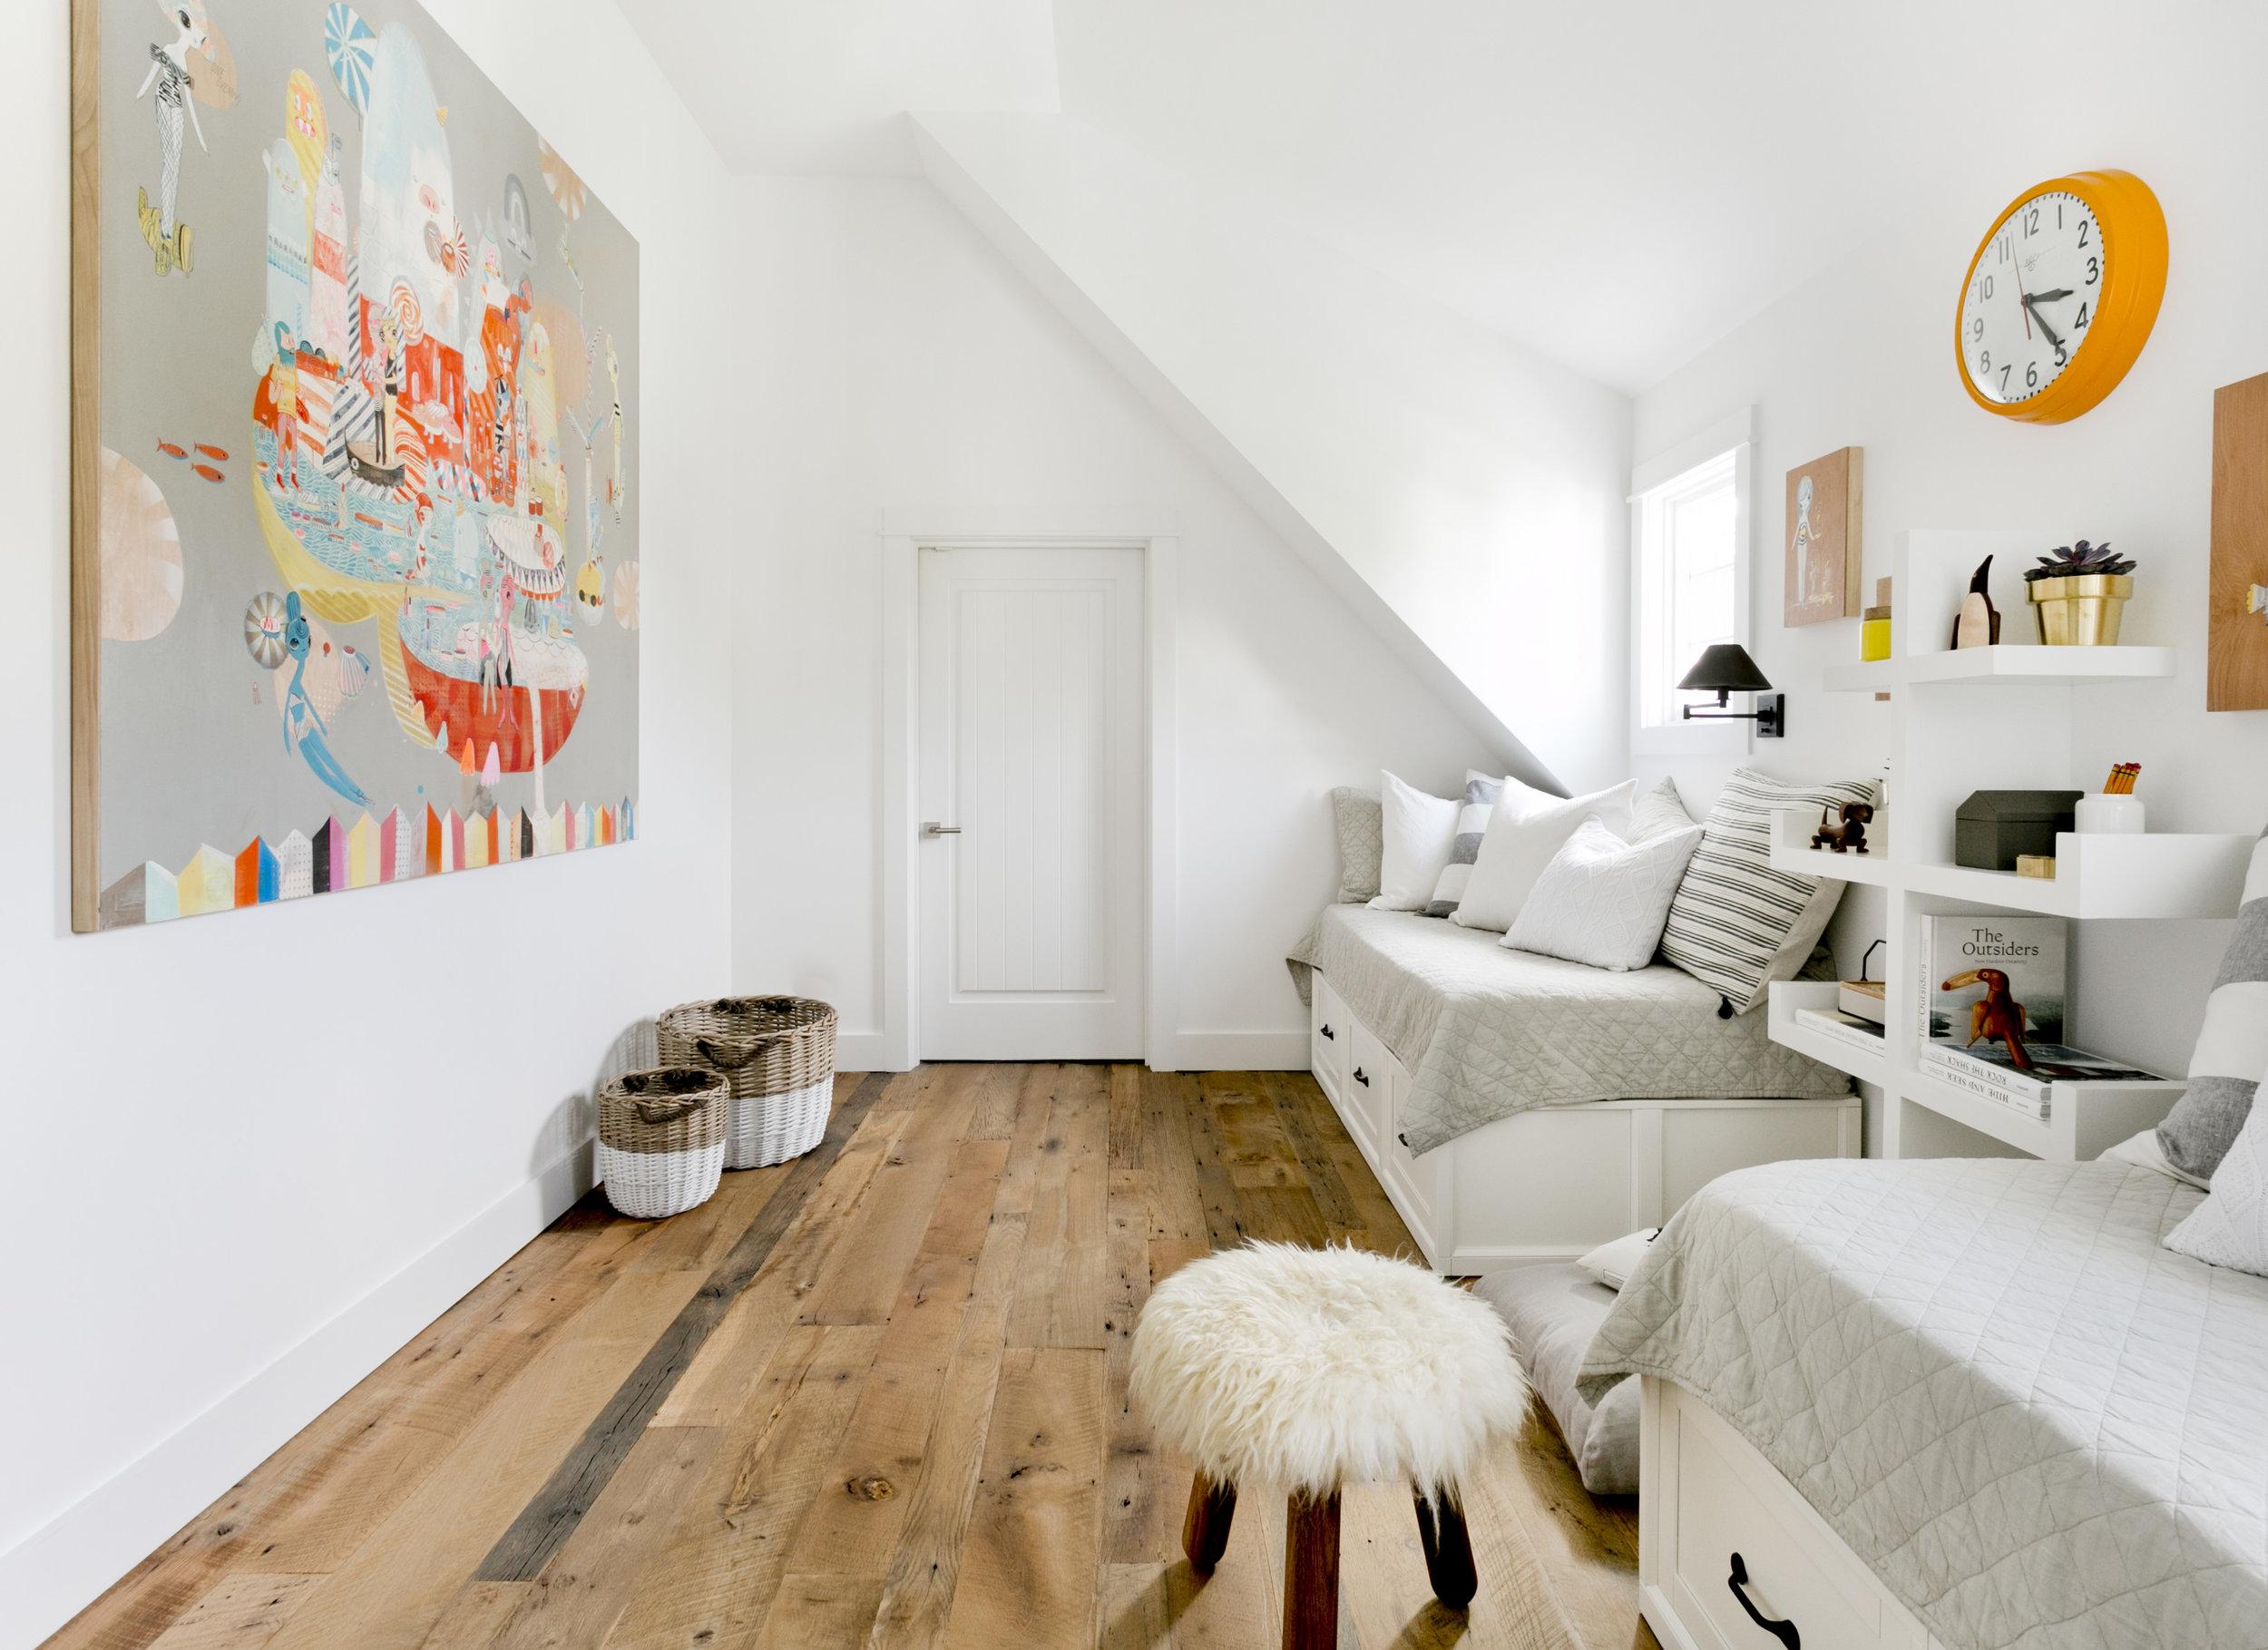 мансарда детская комната деревянный пол кровать с ящиками текстиль корзины